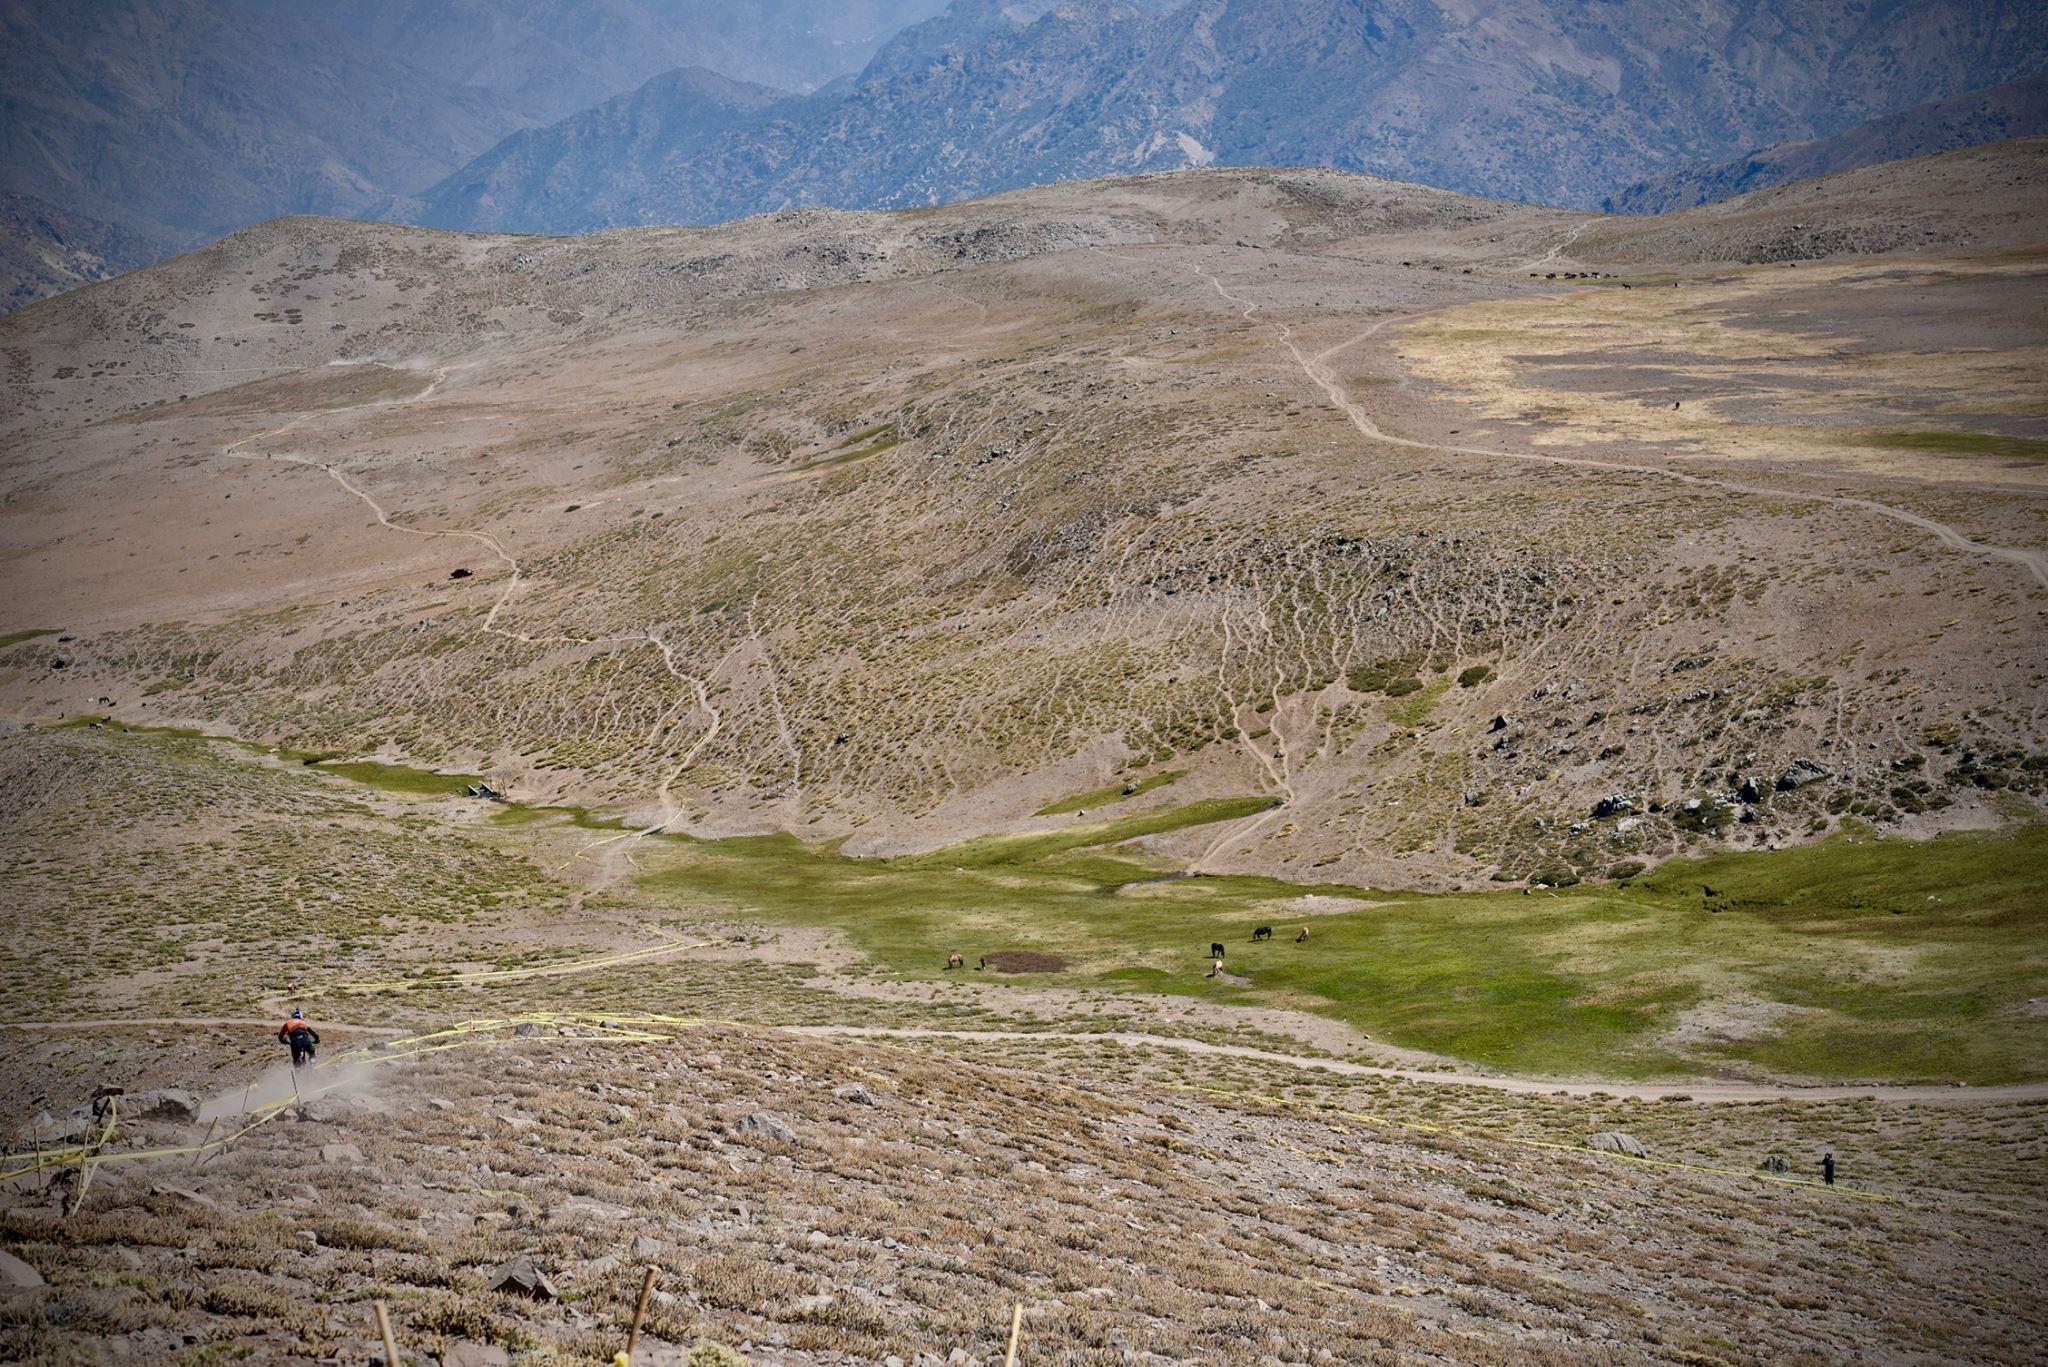 Les Andes et ses paysages aussi impressionnants qu'envoûtants.